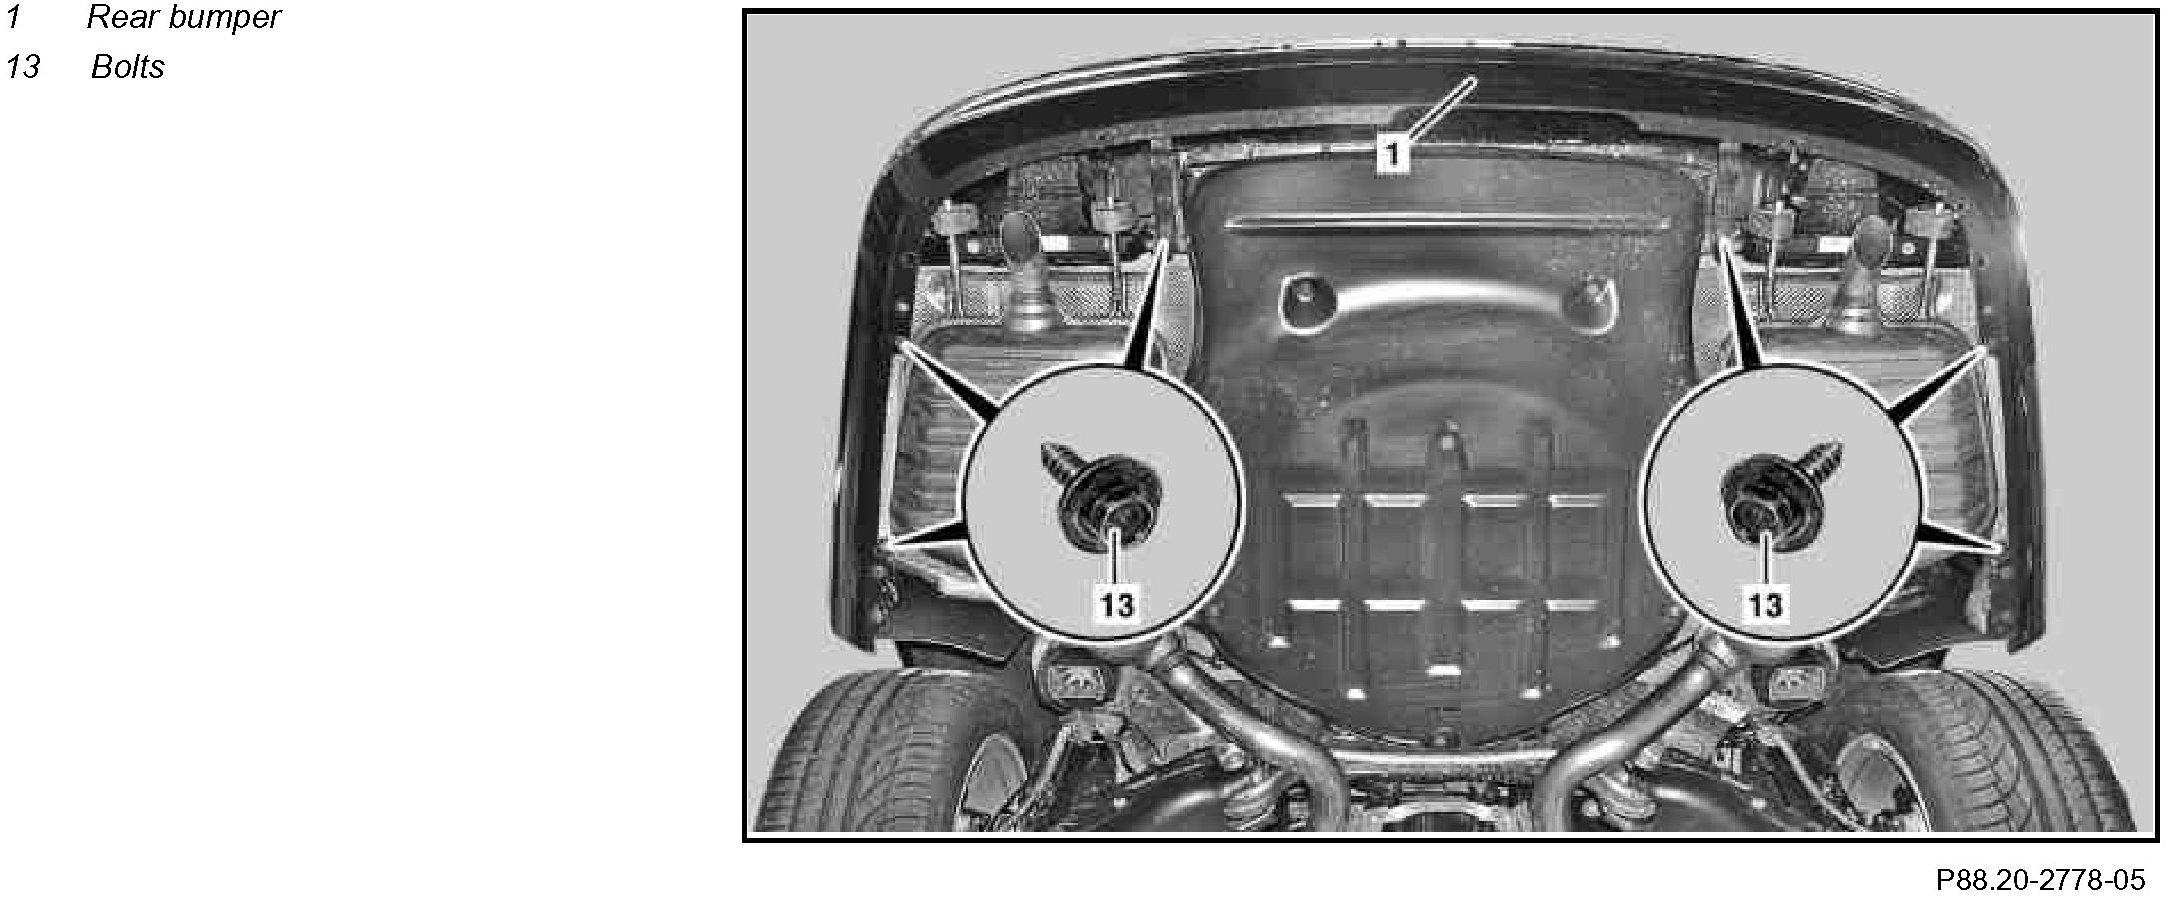 2011 mercedes benz s550 rear bumper removal instructions for Mercedes benz bumper repair